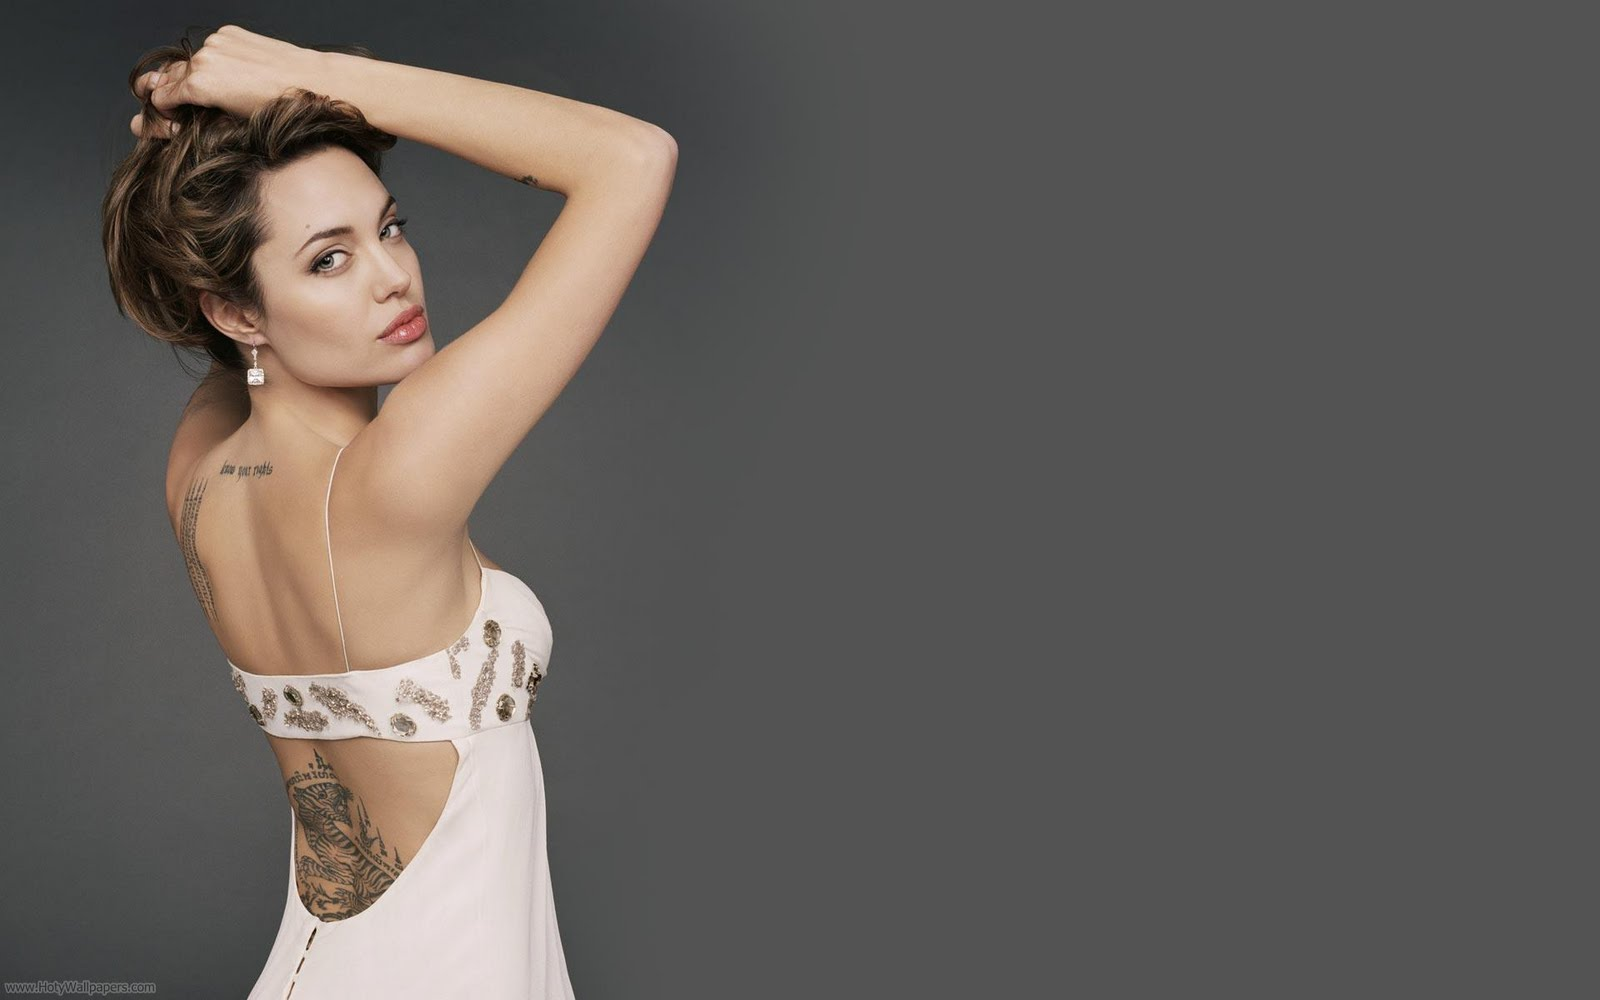 Imagens Para Celular Da Jolie Animadas Imagens  - imagens para celular da jolie